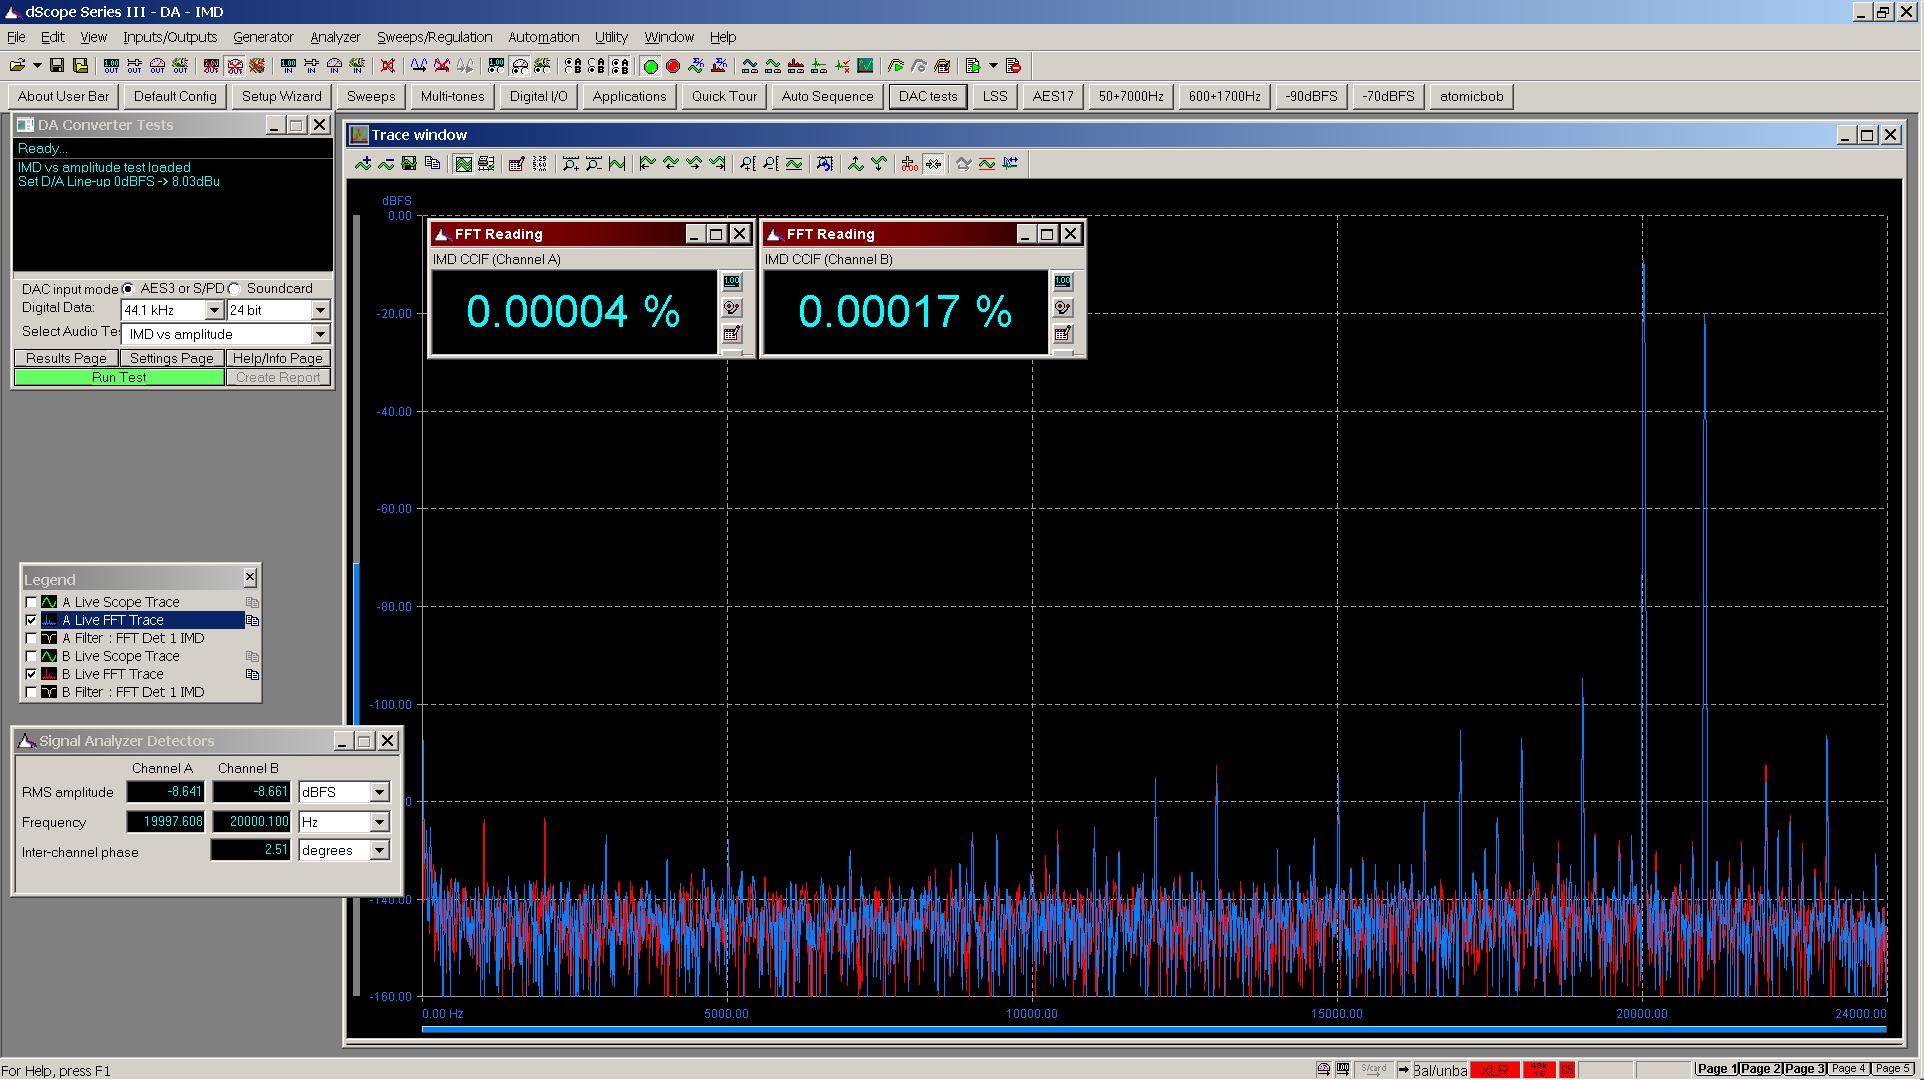 04 SE IMD spectrum - spdif.PNG